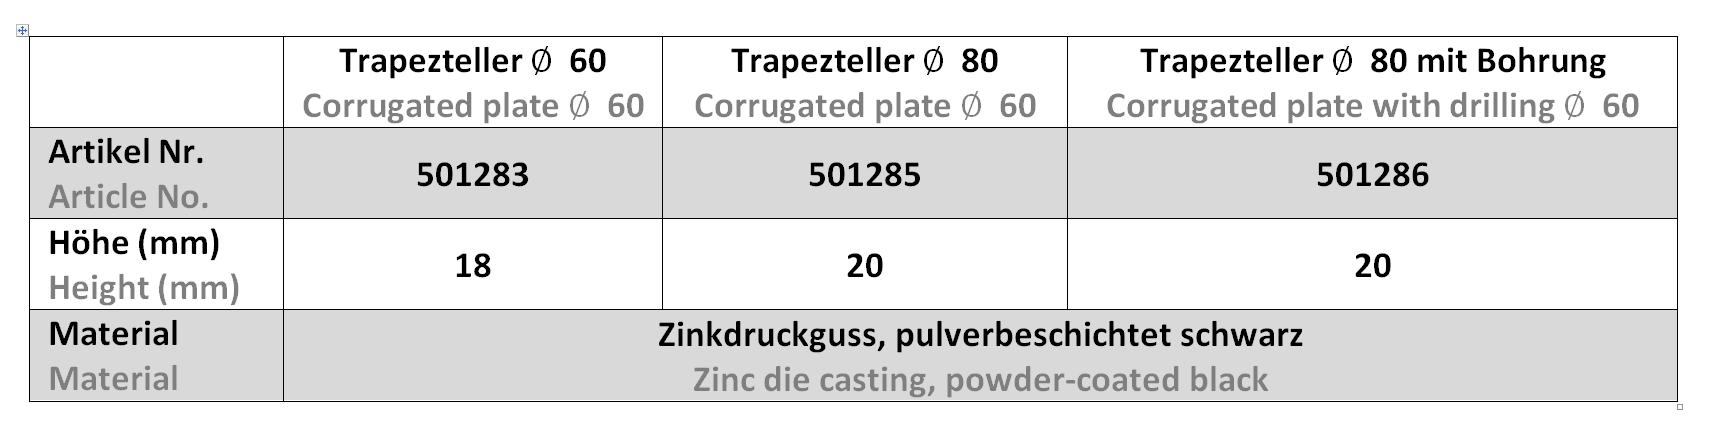 Trapezteller D60-80 - Tabelle